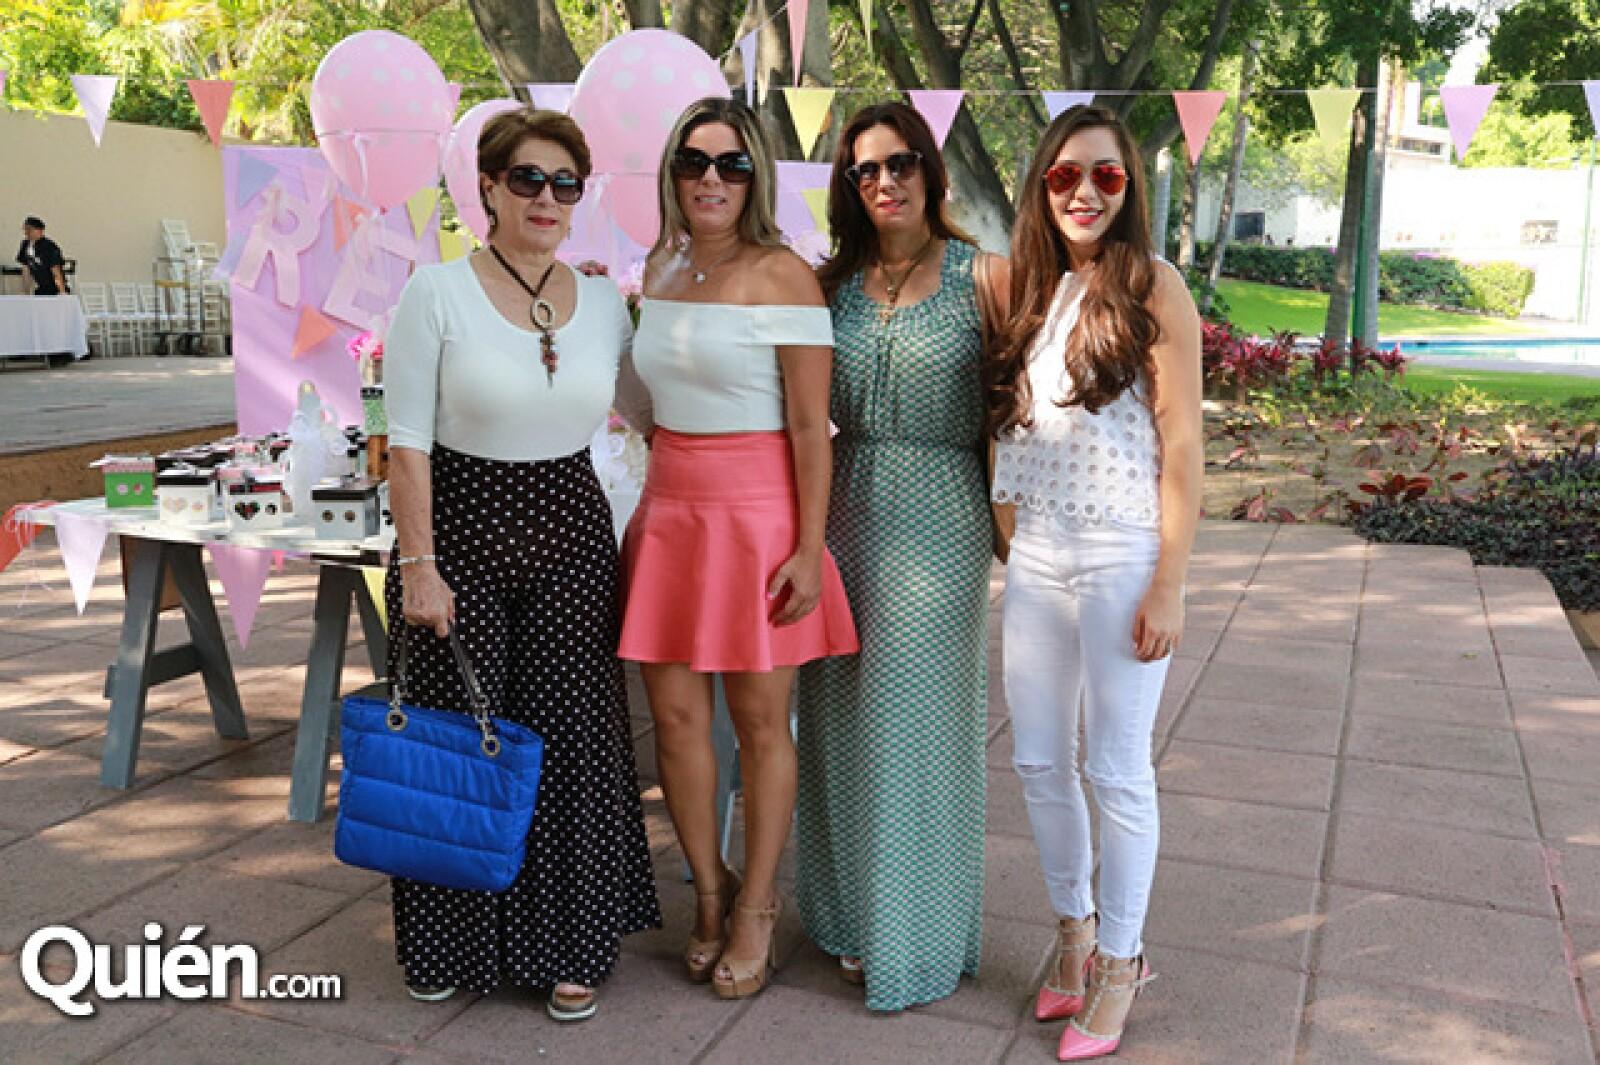 Lourdes Bracamontes, Lizette Bracamontes, Ceci Bracamontes y Susana Robles